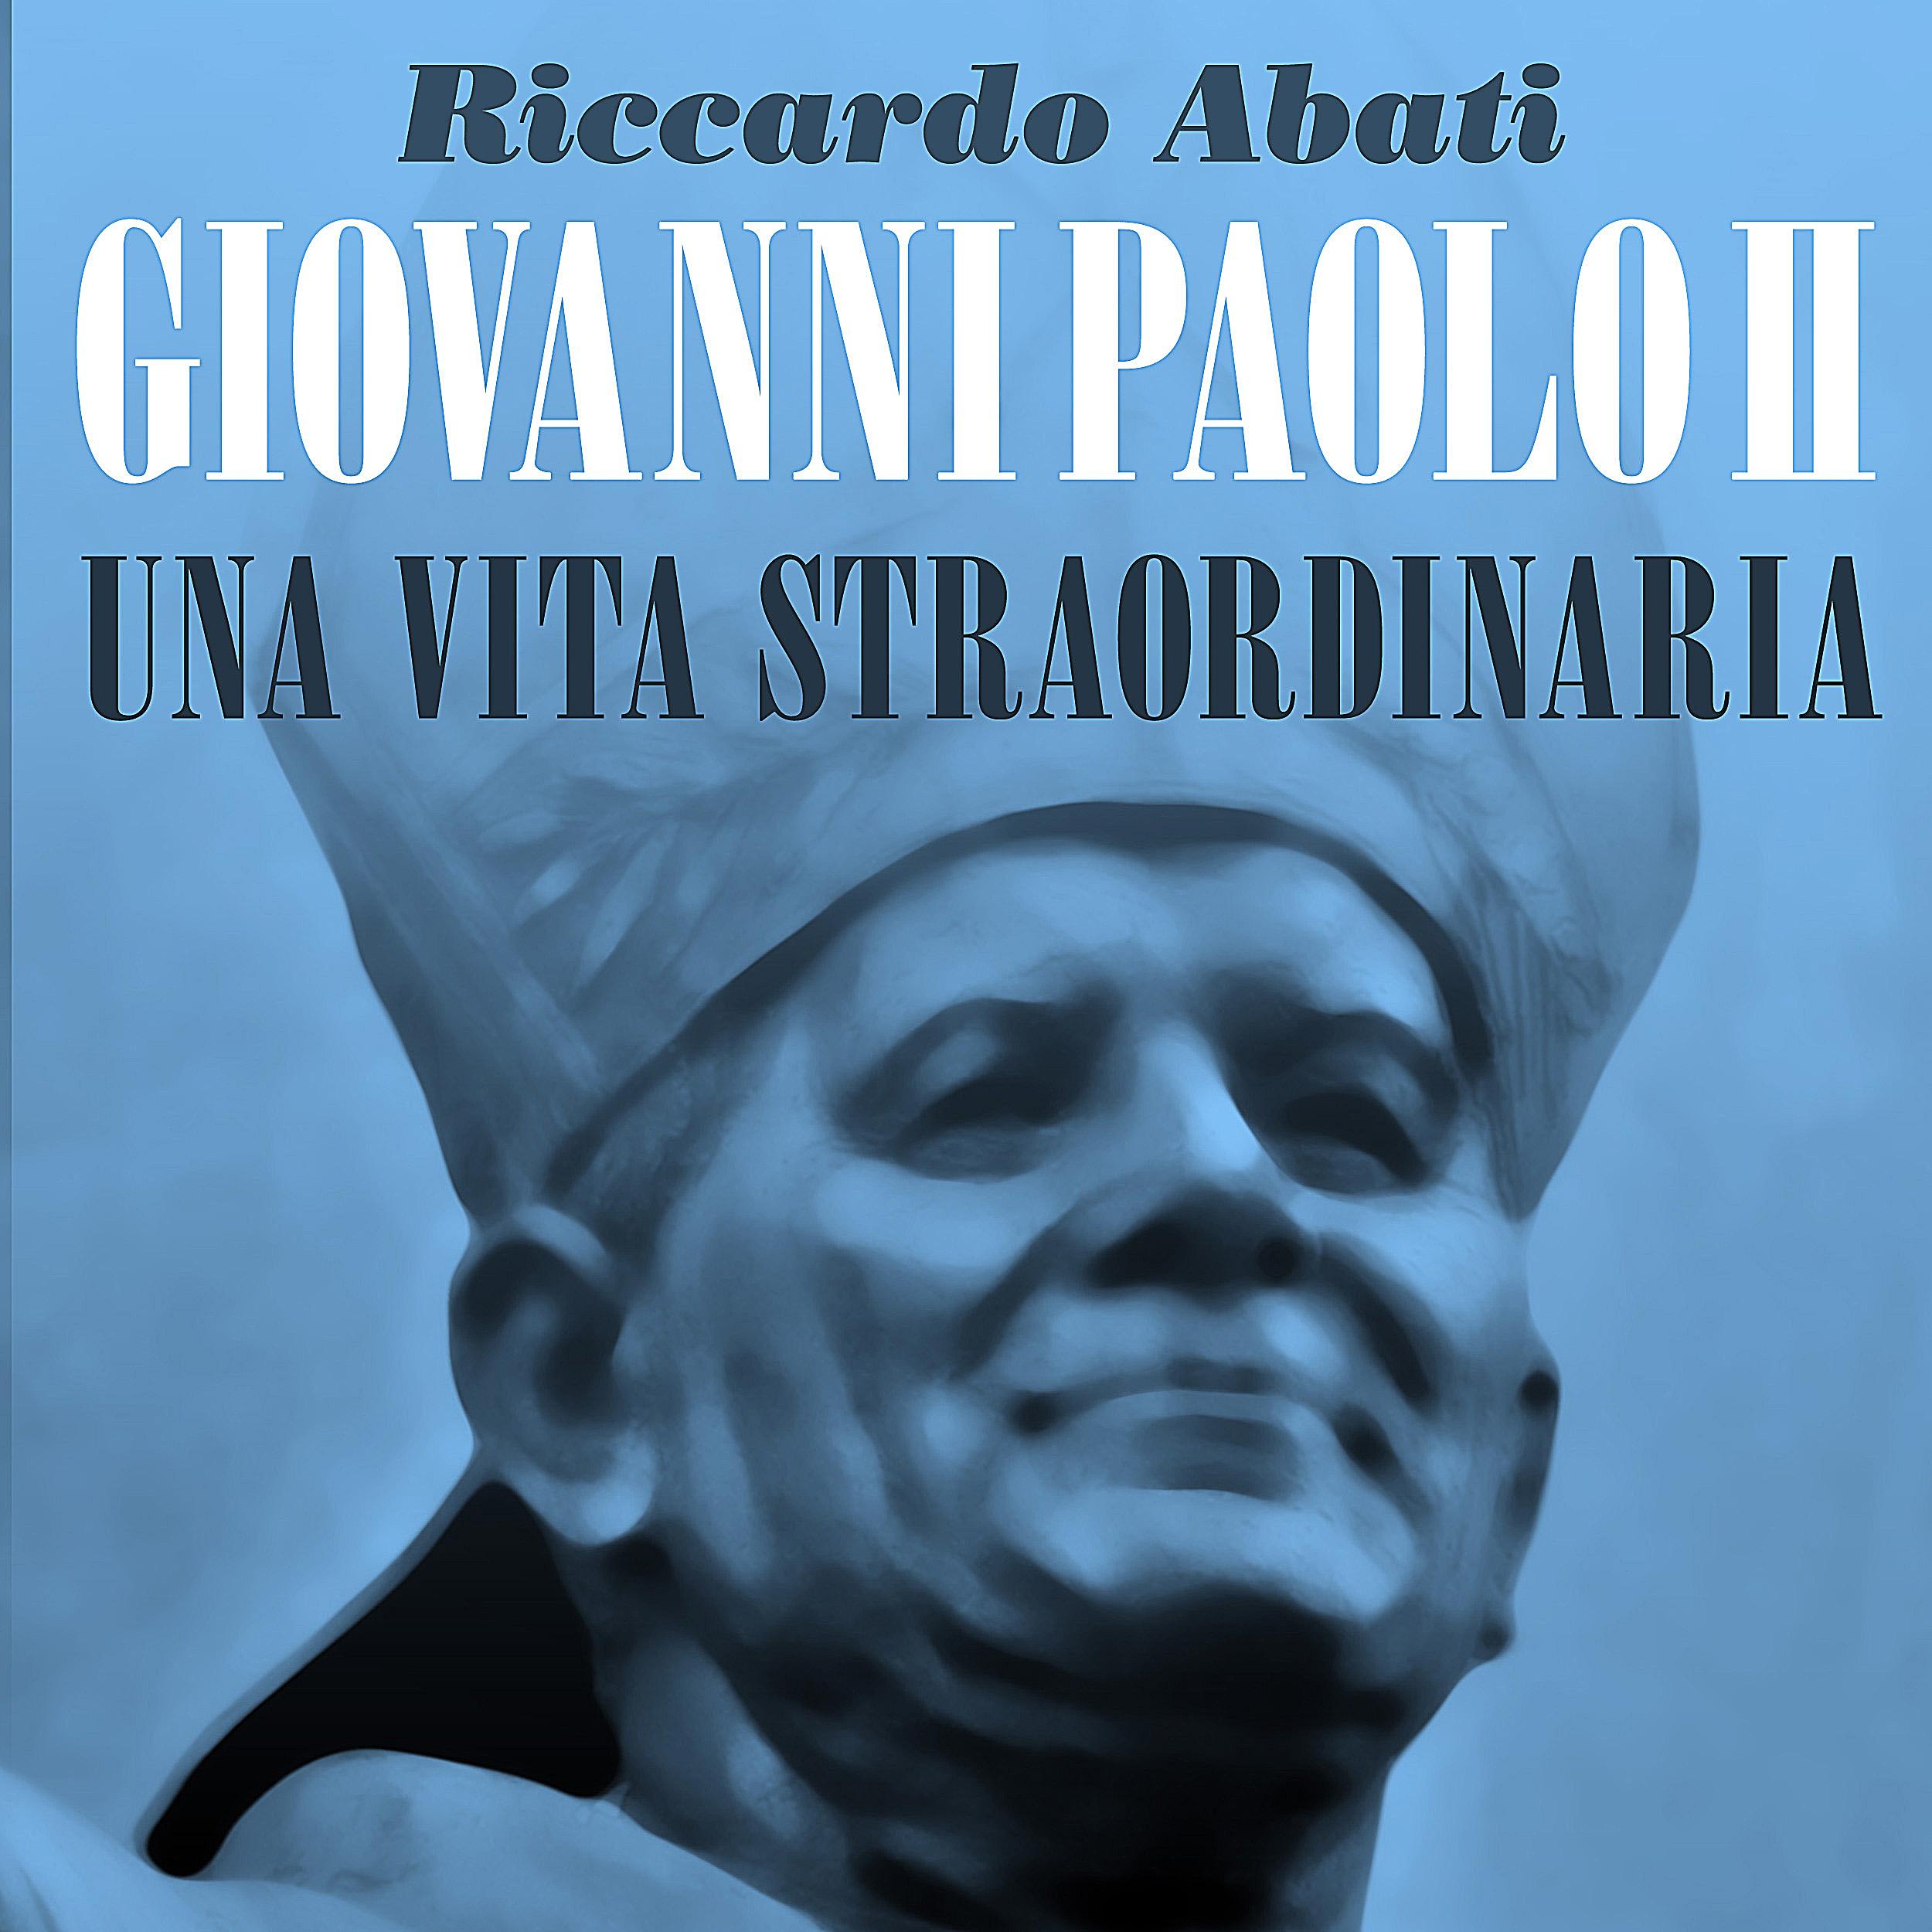 Giovanni Paolo II, una vita straordinaria-0